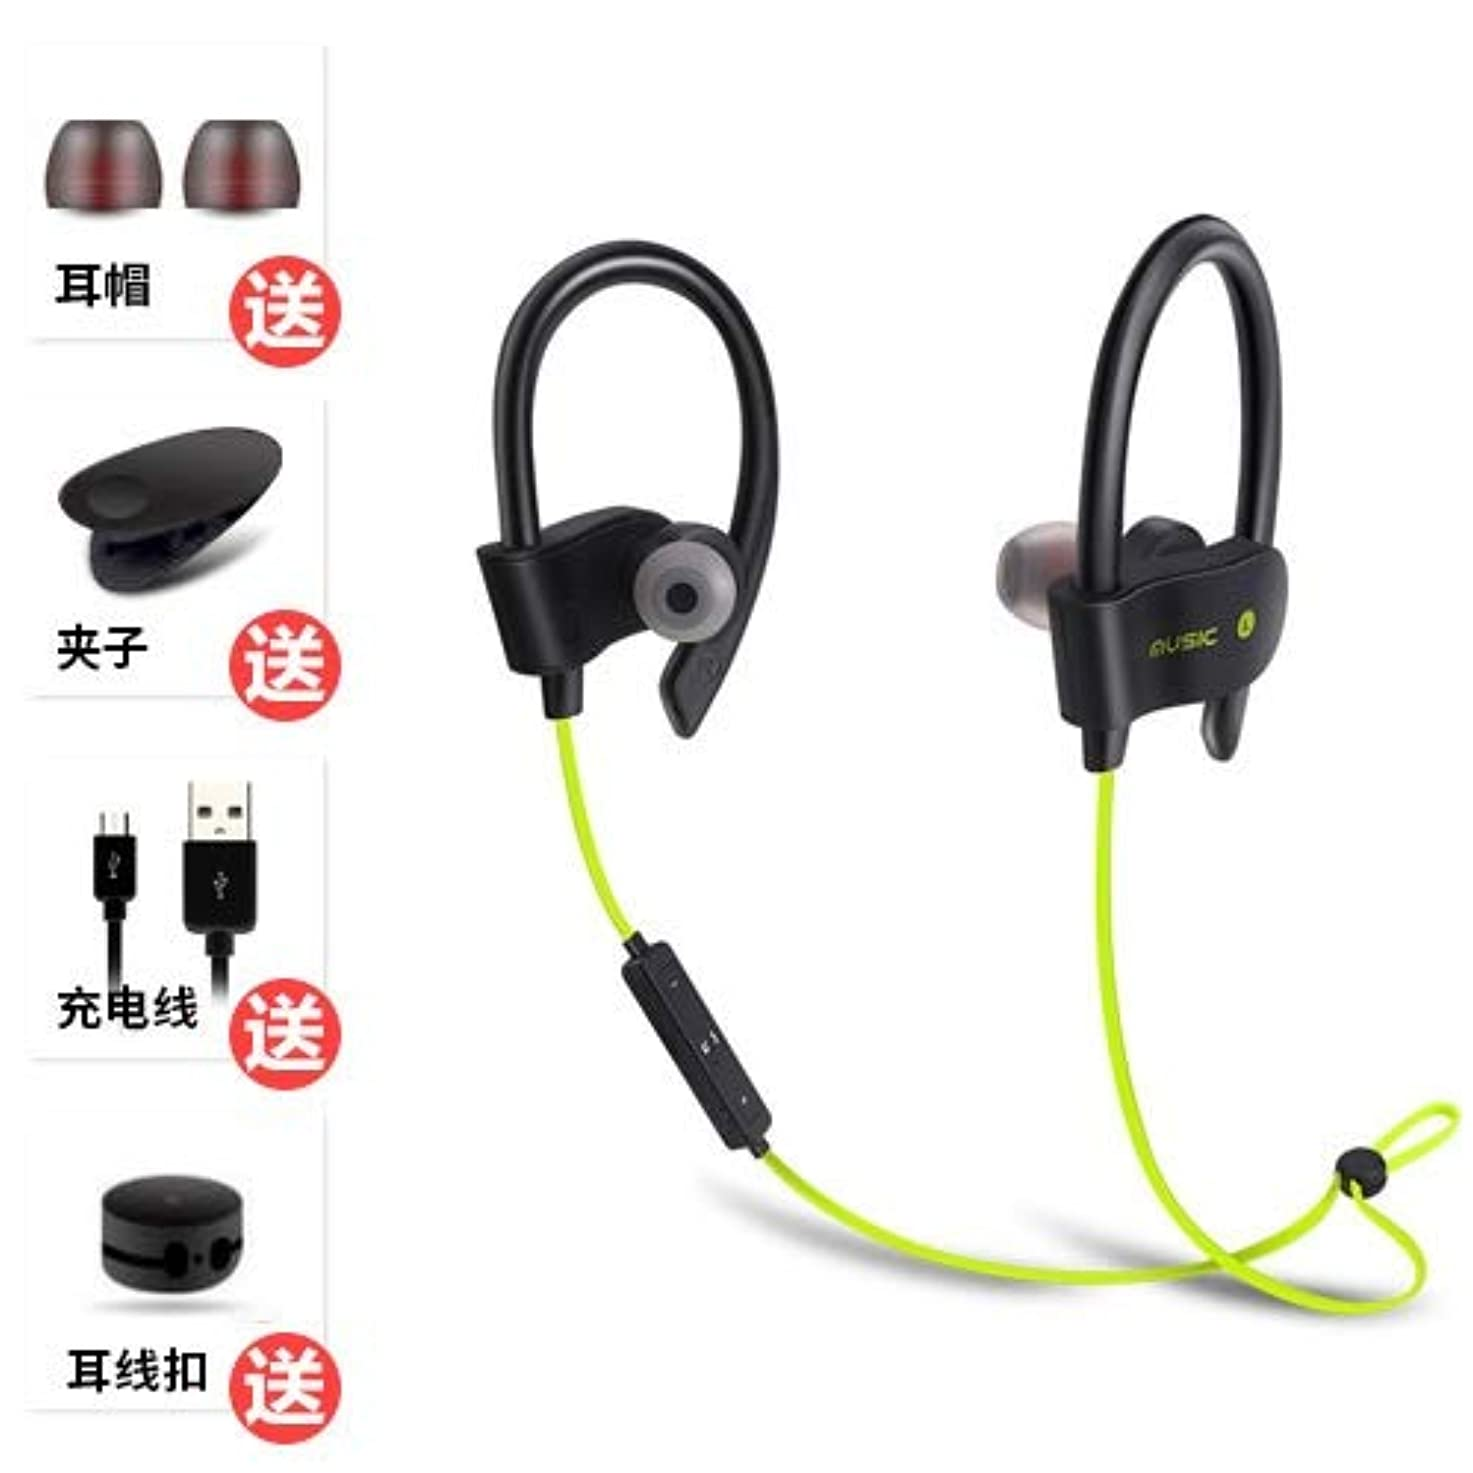 反響する武装解除一致QOFF 耳ステレオ両耳ヘッドセットをぶら下げスポーツBluetoothヘッドセット5.0ワイヤレスヘッドフォン (Color : 活力黄)